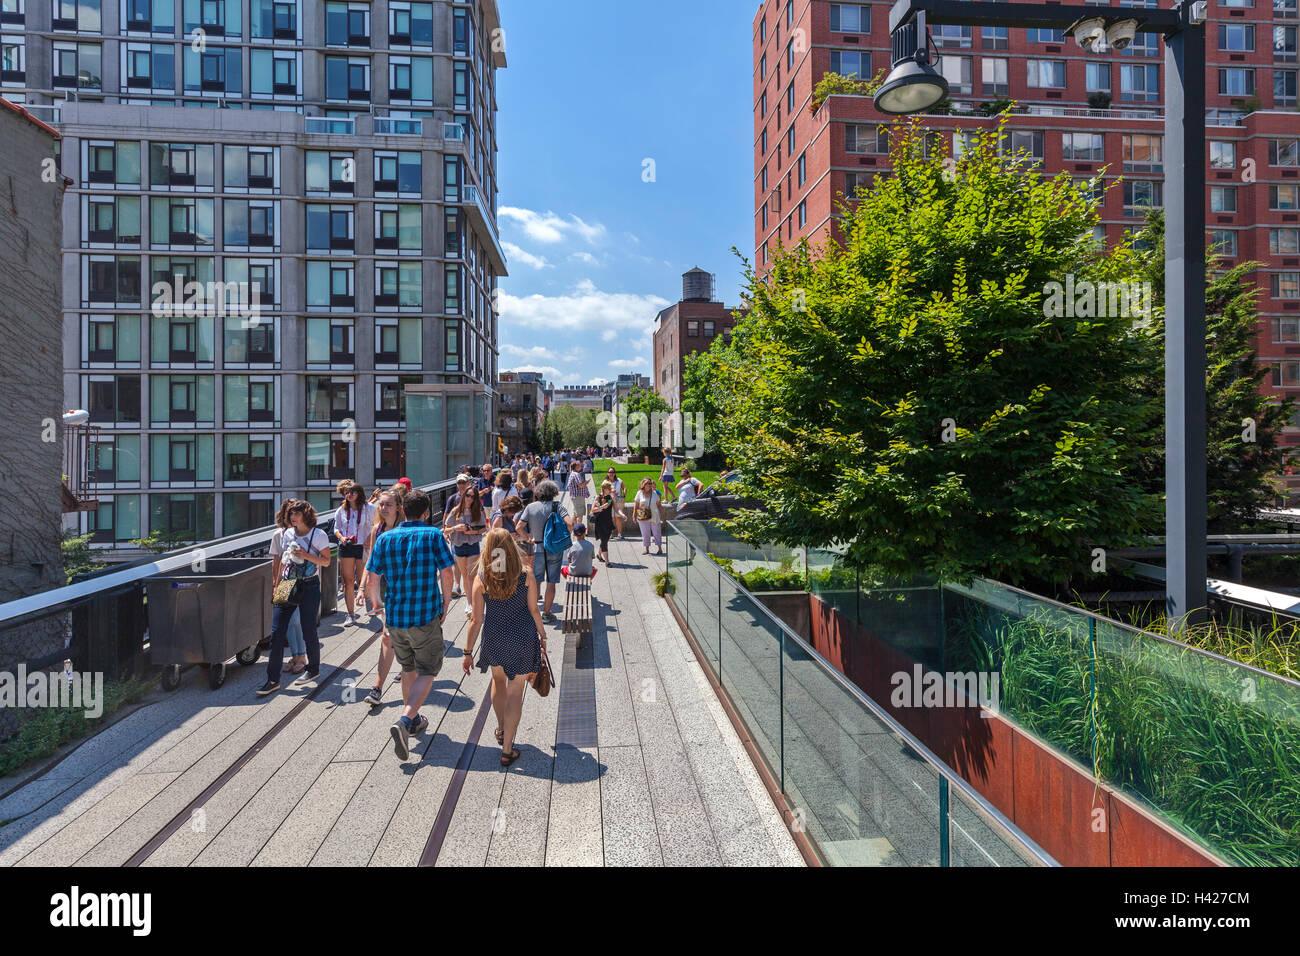 La gente pasear y disfrutar de la ciudad de Nueva York High Line Park. Imagen De Stock